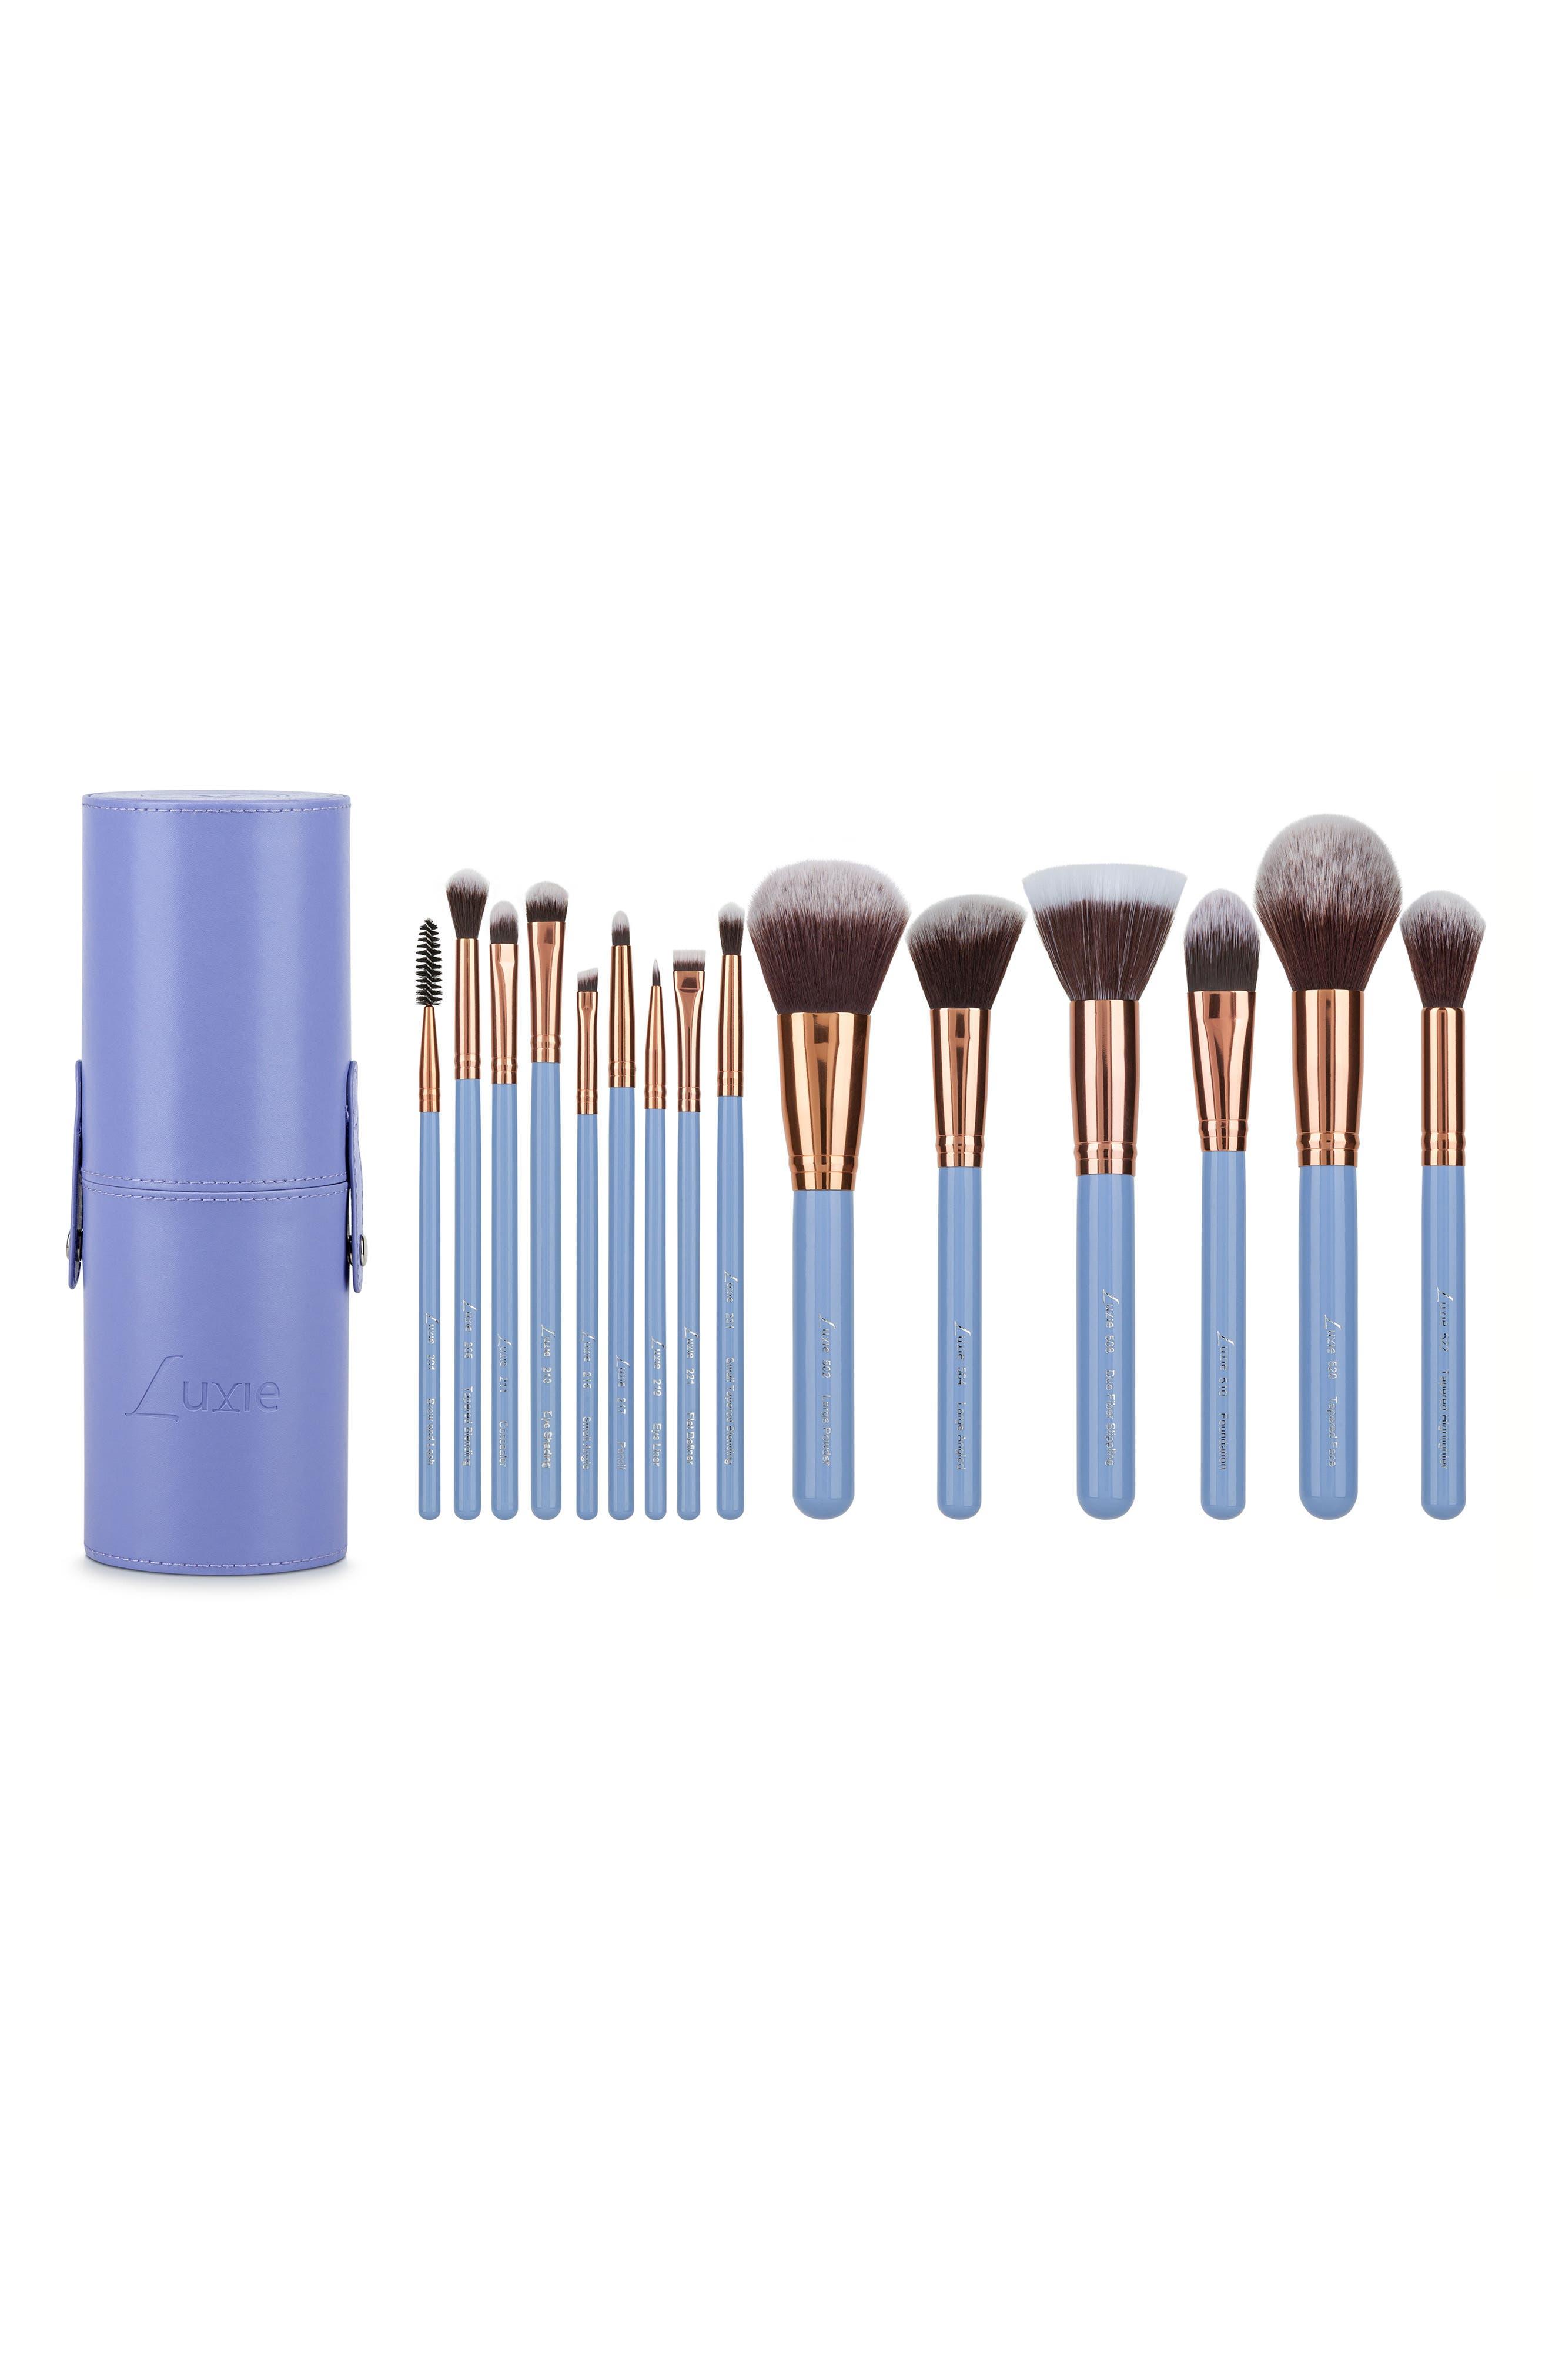 Dreamcatcher Makeup Brush Collection,                             Main thumbnail 1, color,                             000